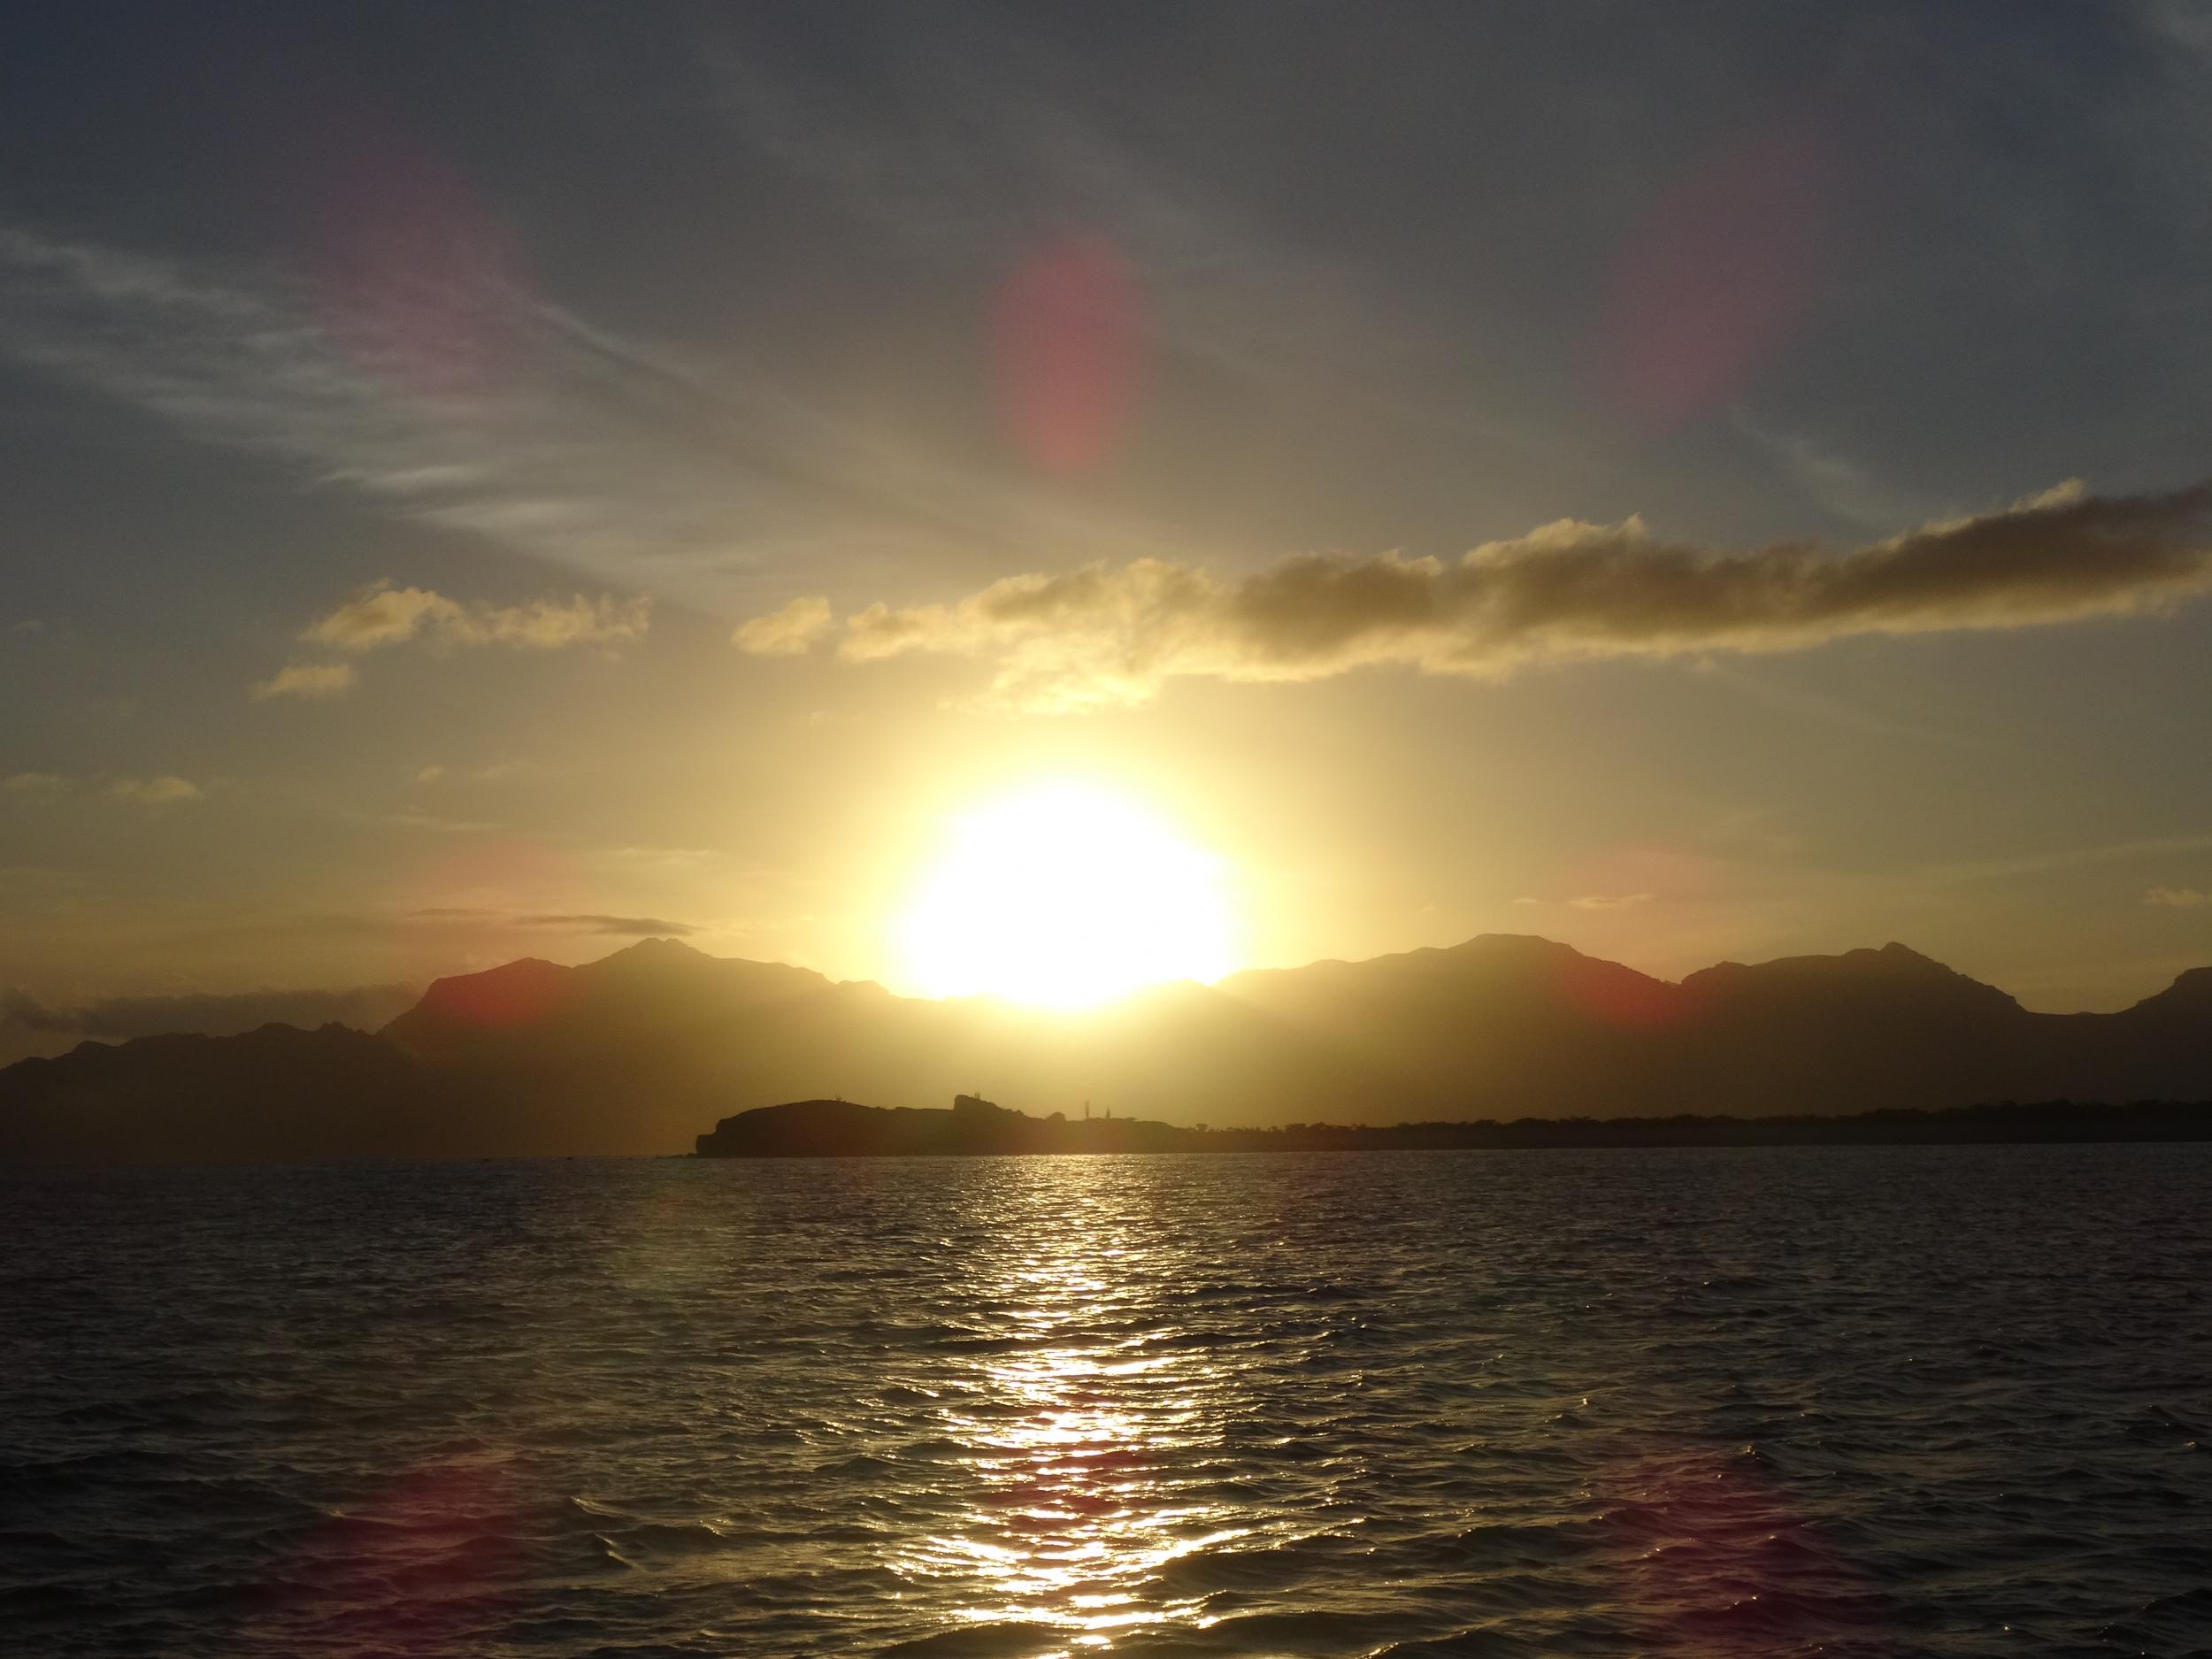 23b. Sunset at Amortajada